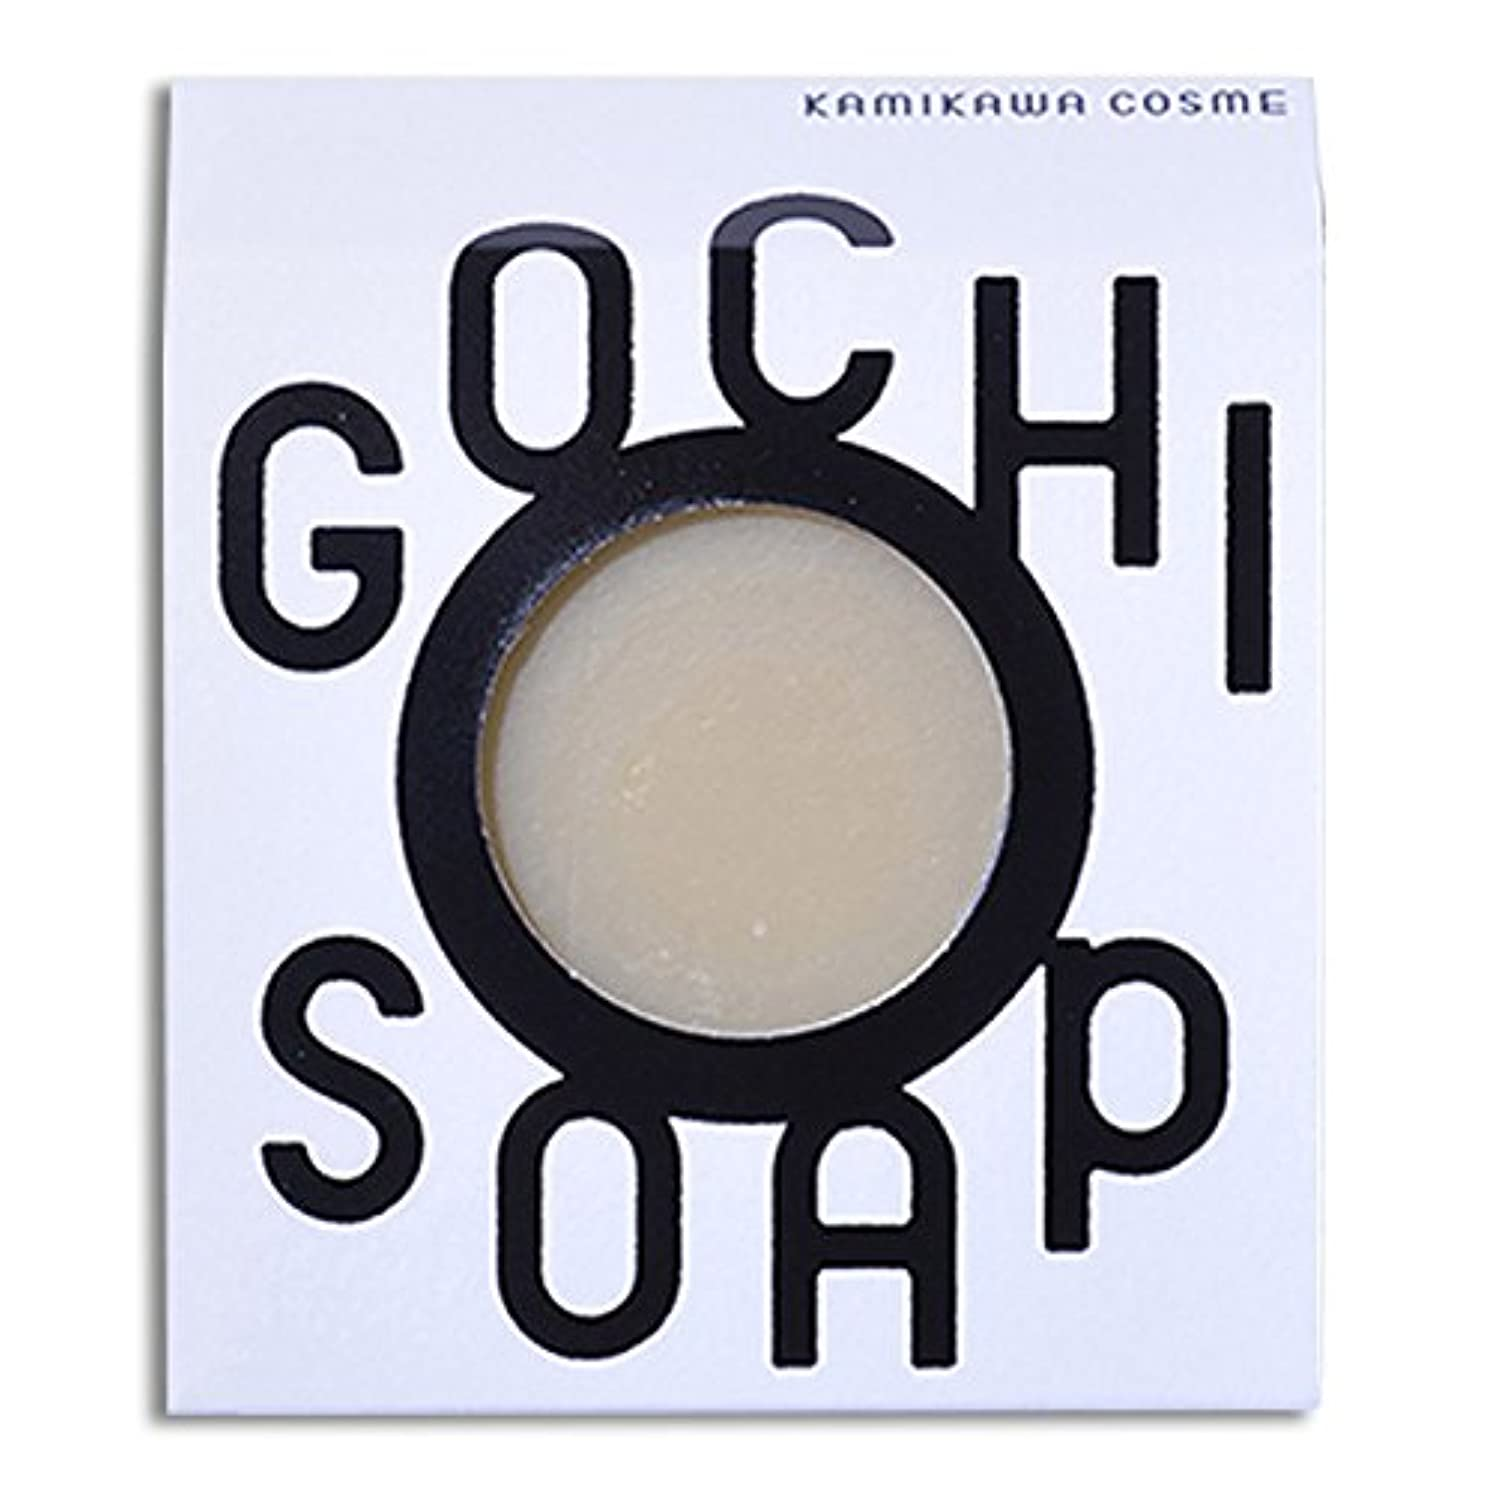 日焼けローブ緩める道北の素材を使用したコスメブランド GOCHI SOAP(伊勢ファームの牛乳ソープ?平田こうじ店の米糀ソープ)各1個セット